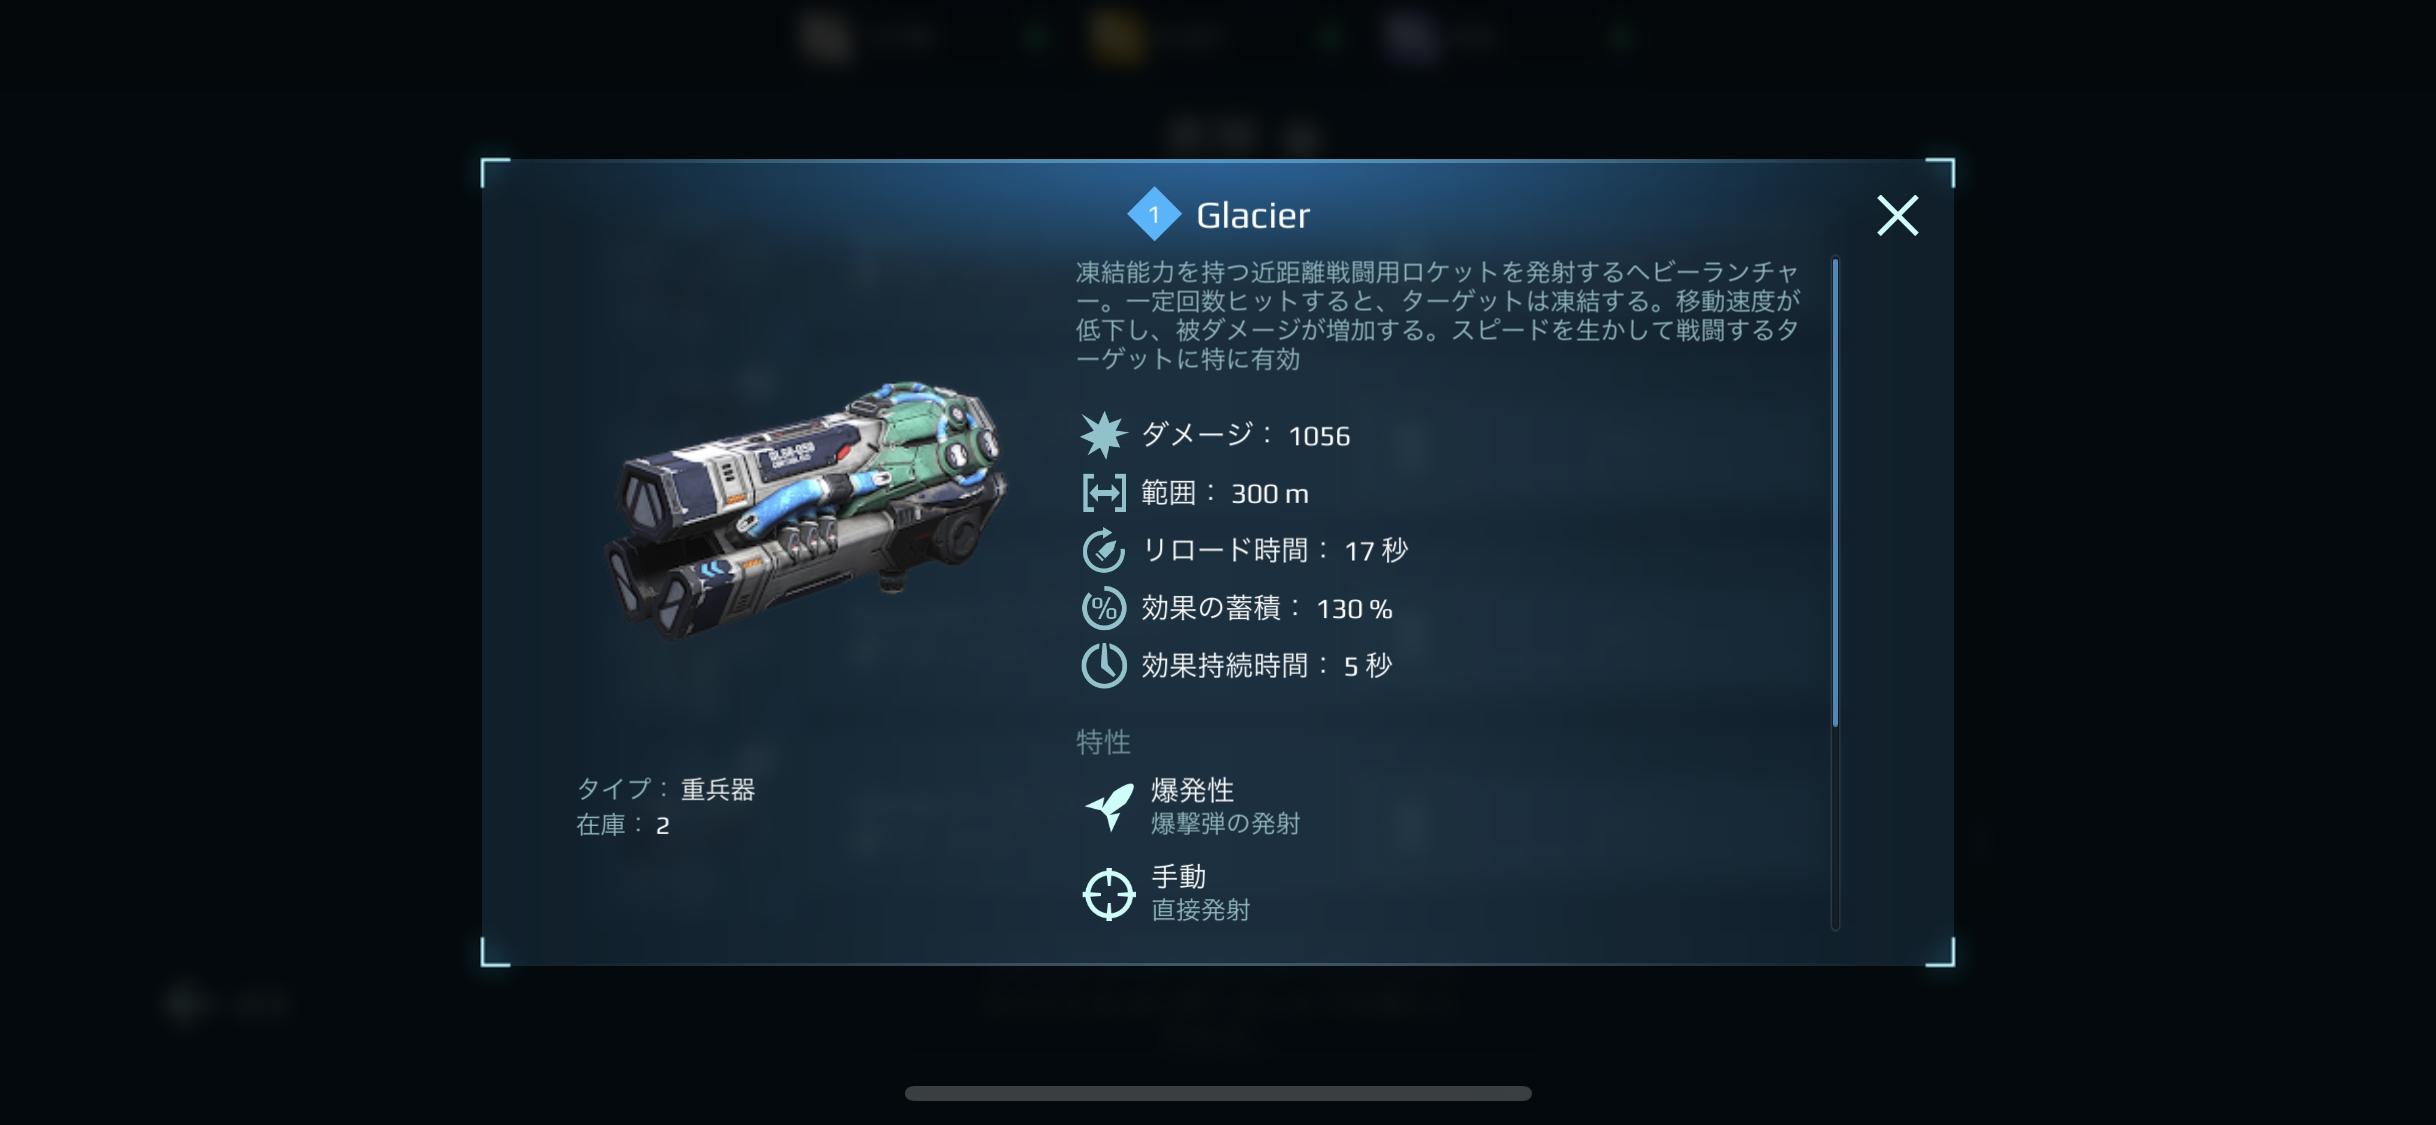 D6C30A49-C682-429F-9B1C-90CCB8B06A5E.png